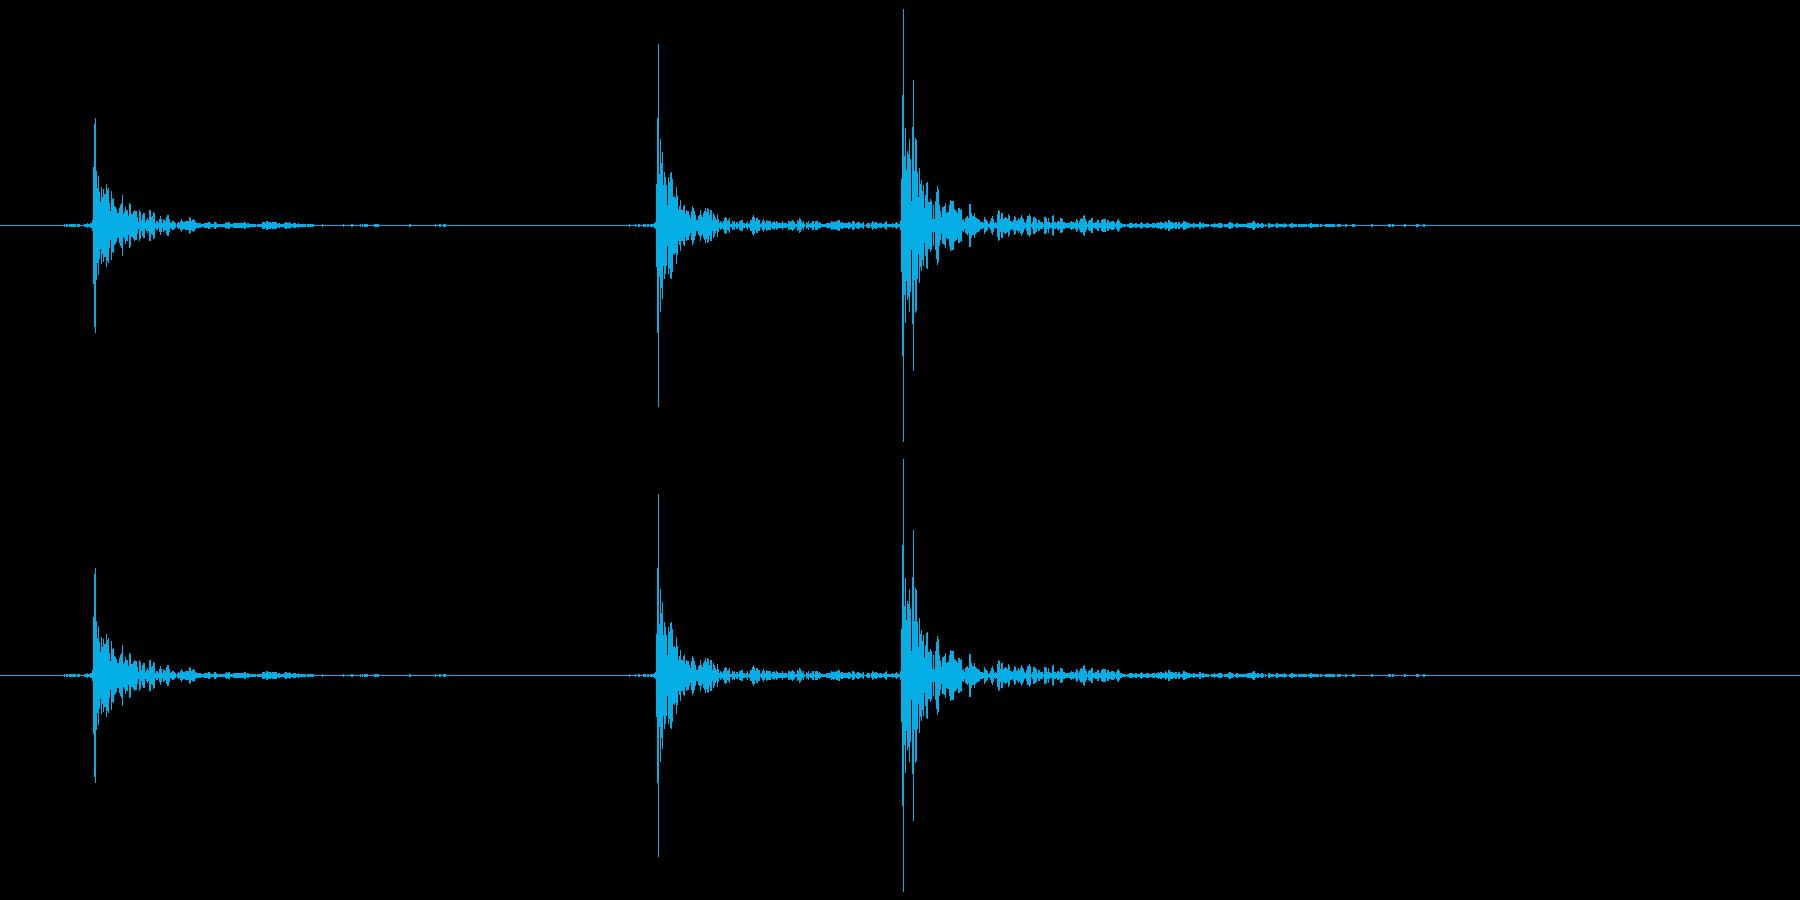 床がきしむ(軋む) ギッ、ギギの再生済みの波形